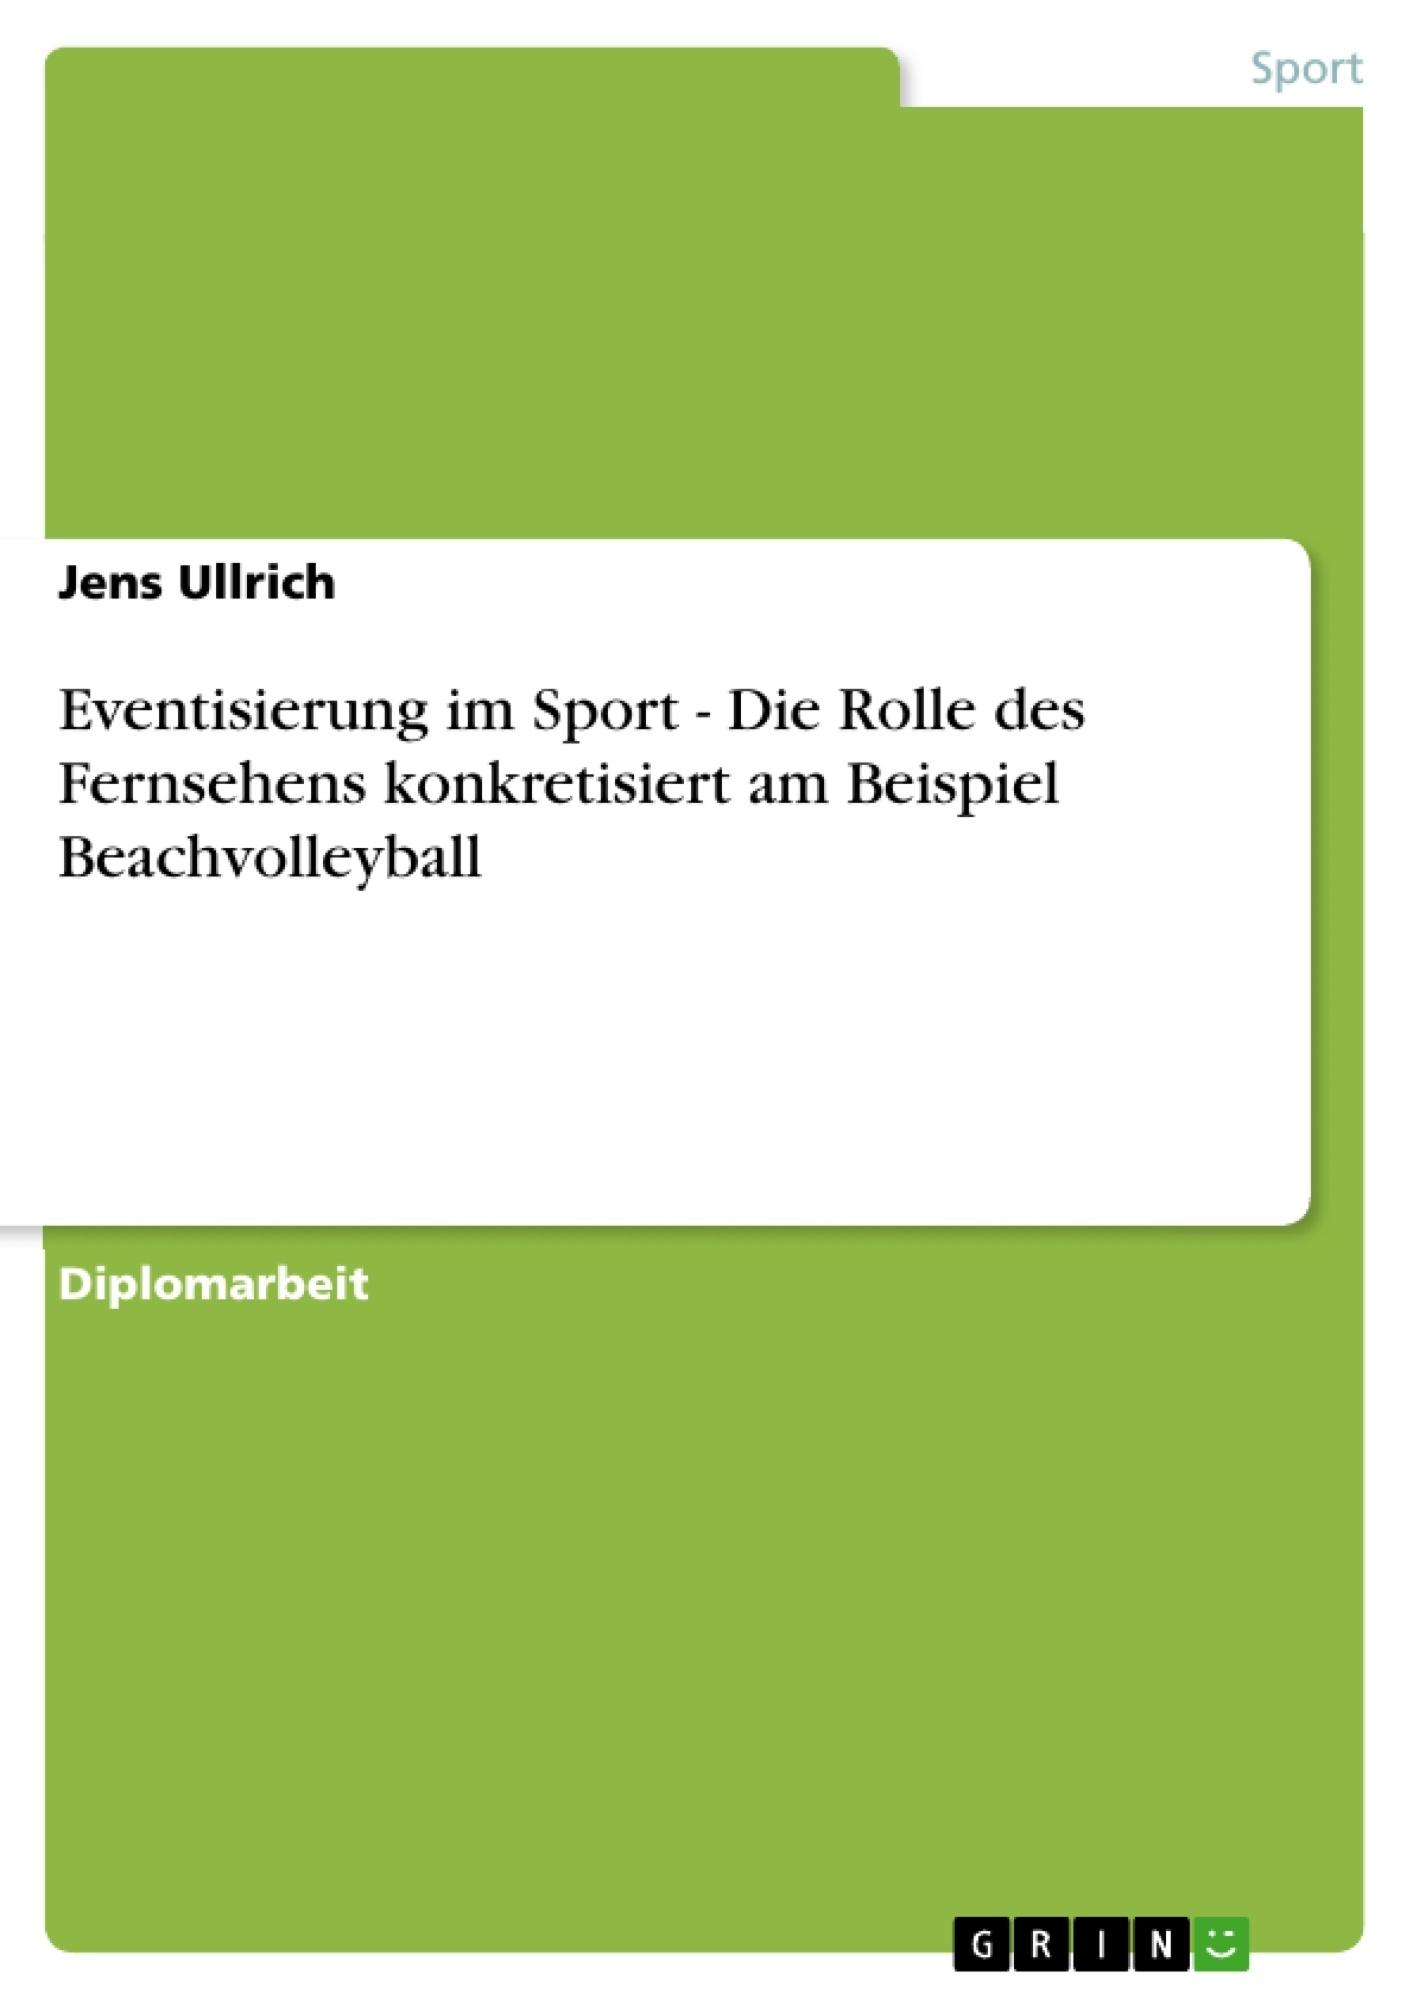 Titel: Eventisierung im Sport - Die Rolle des Fernsehens konkretisiert am Beispiel Beachvolleyball